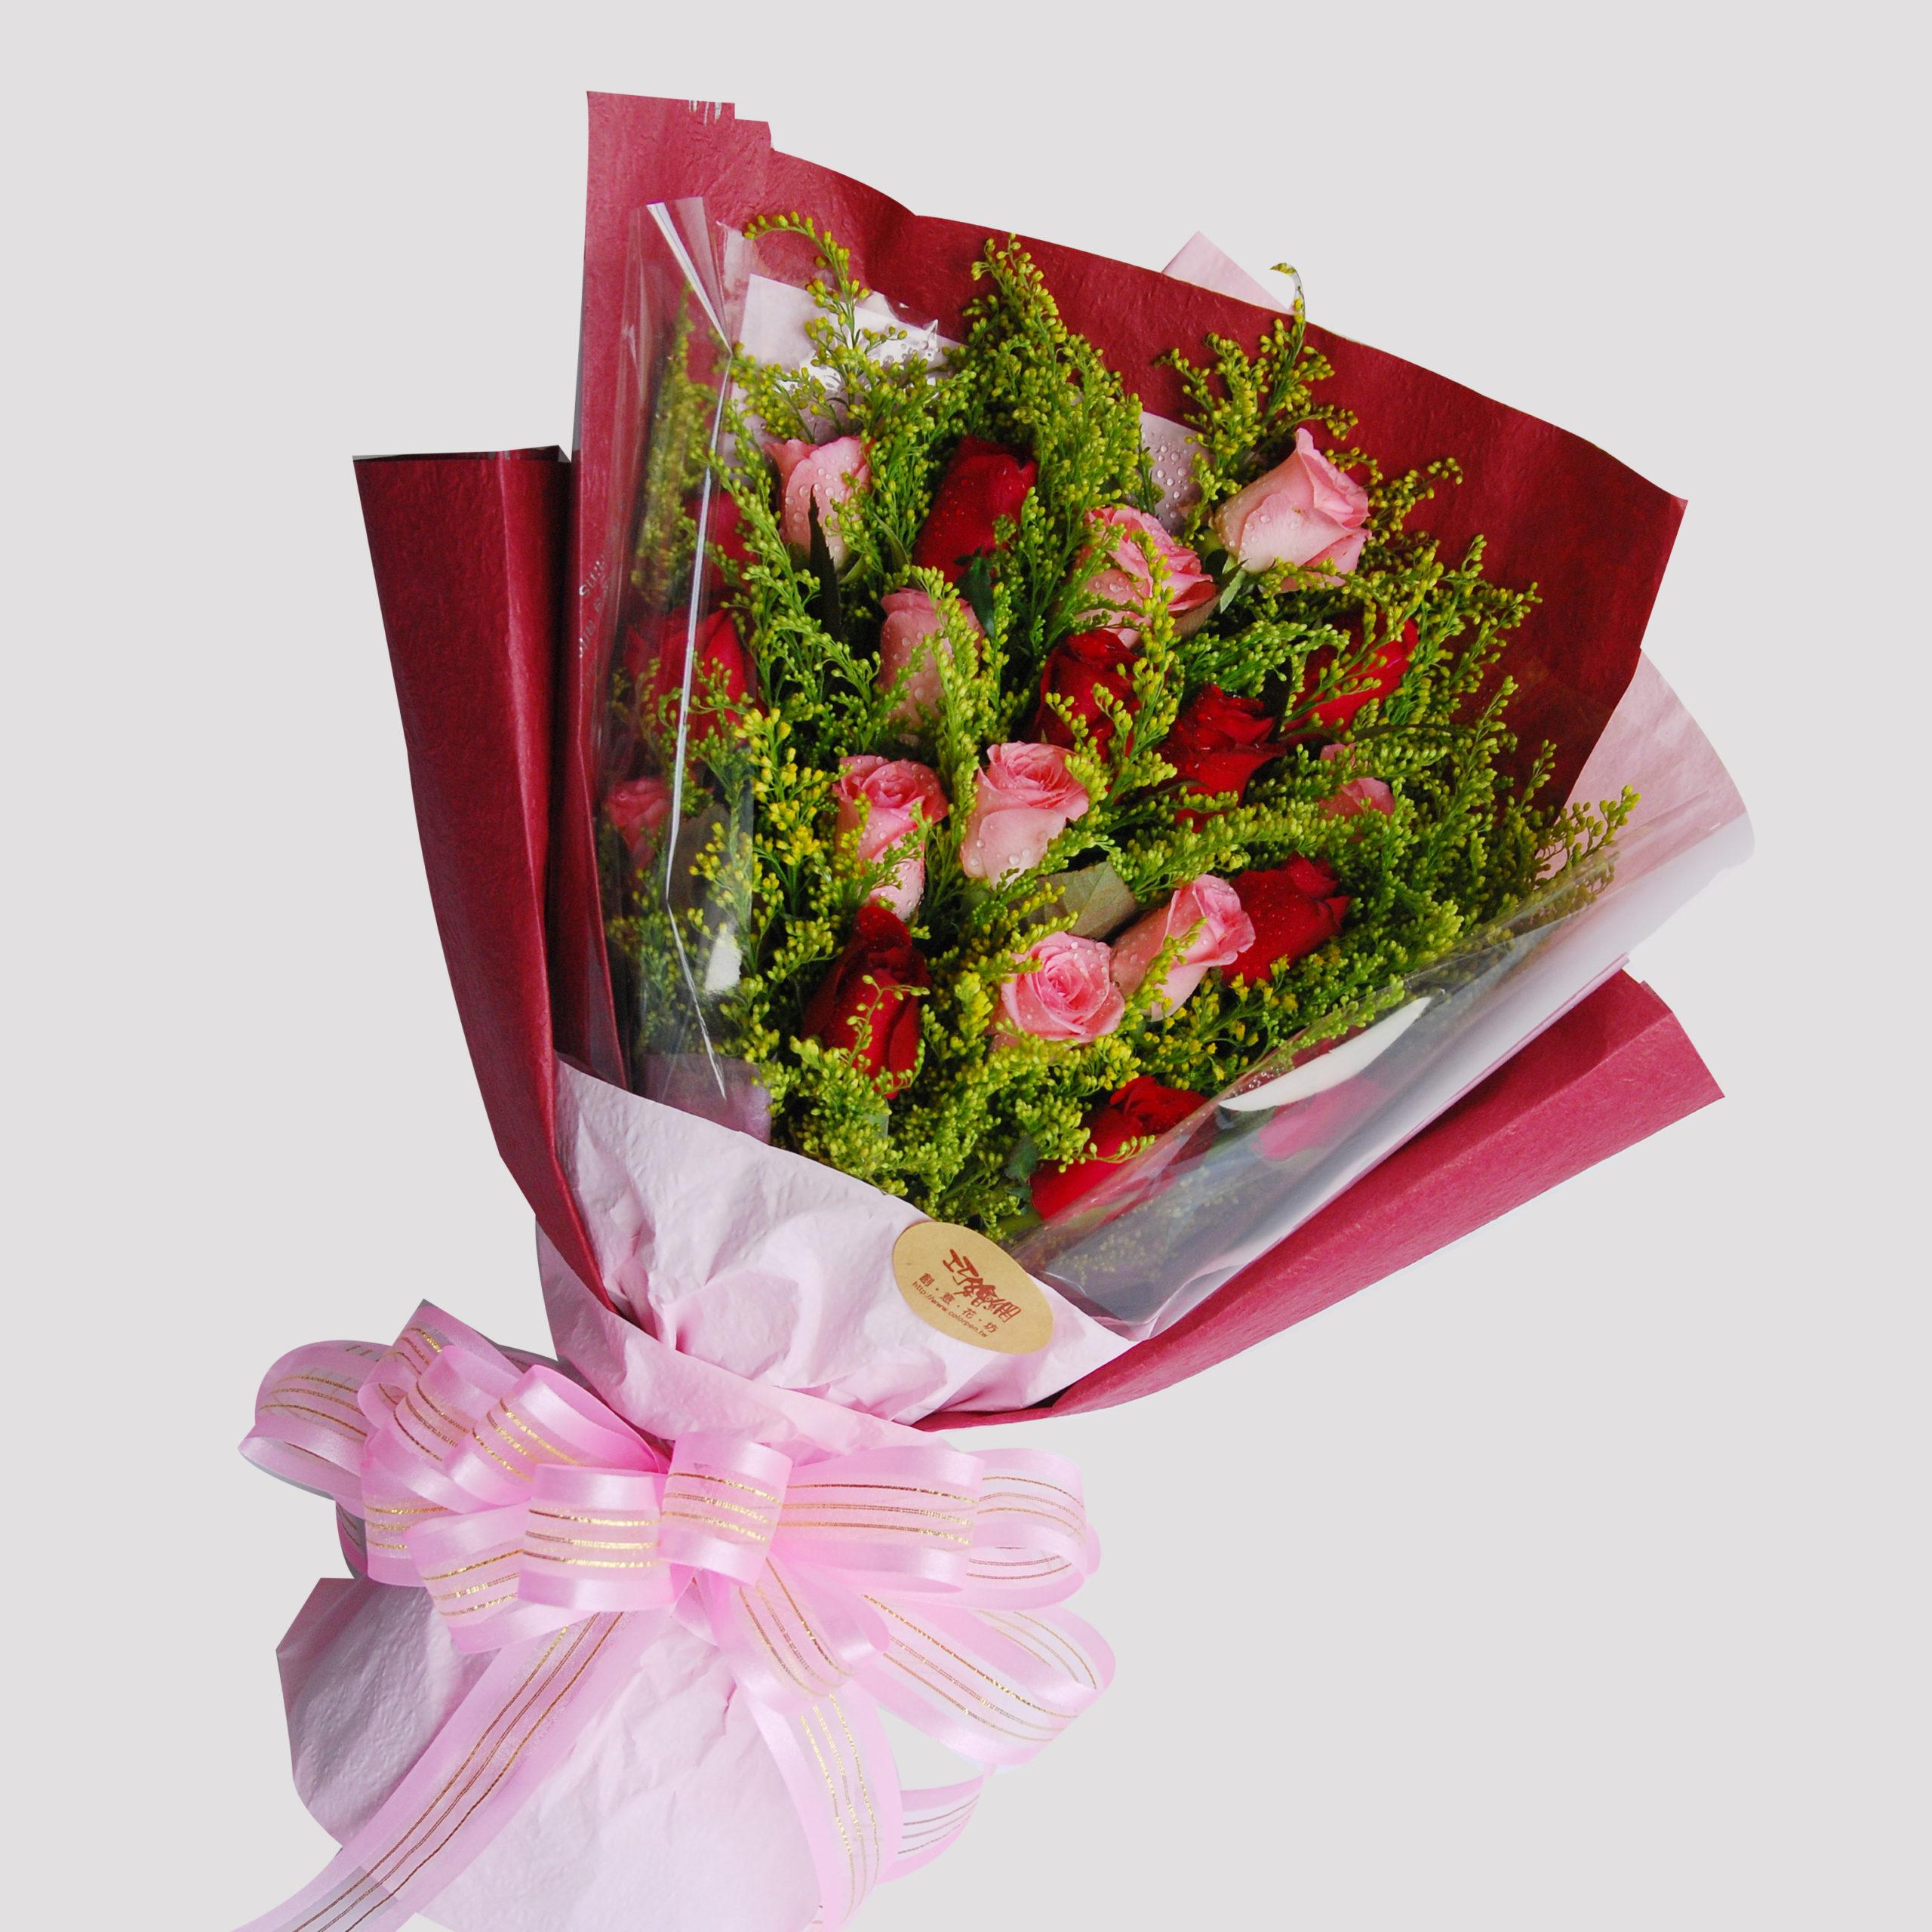 【巧繪網—七夕情人浪漫禮】FR040126 ‧雙色豪情=雙色玫瑰花束數十朵‧深情熱賣中